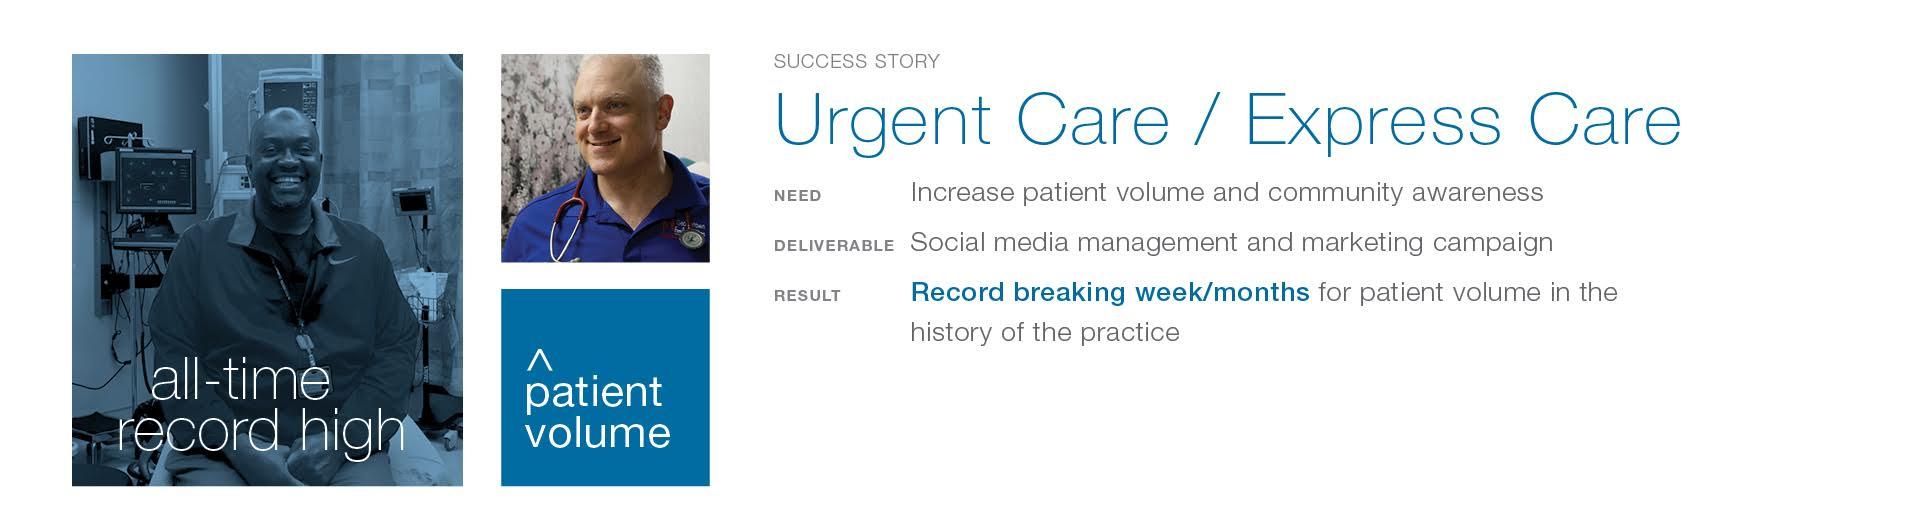 urgent-care